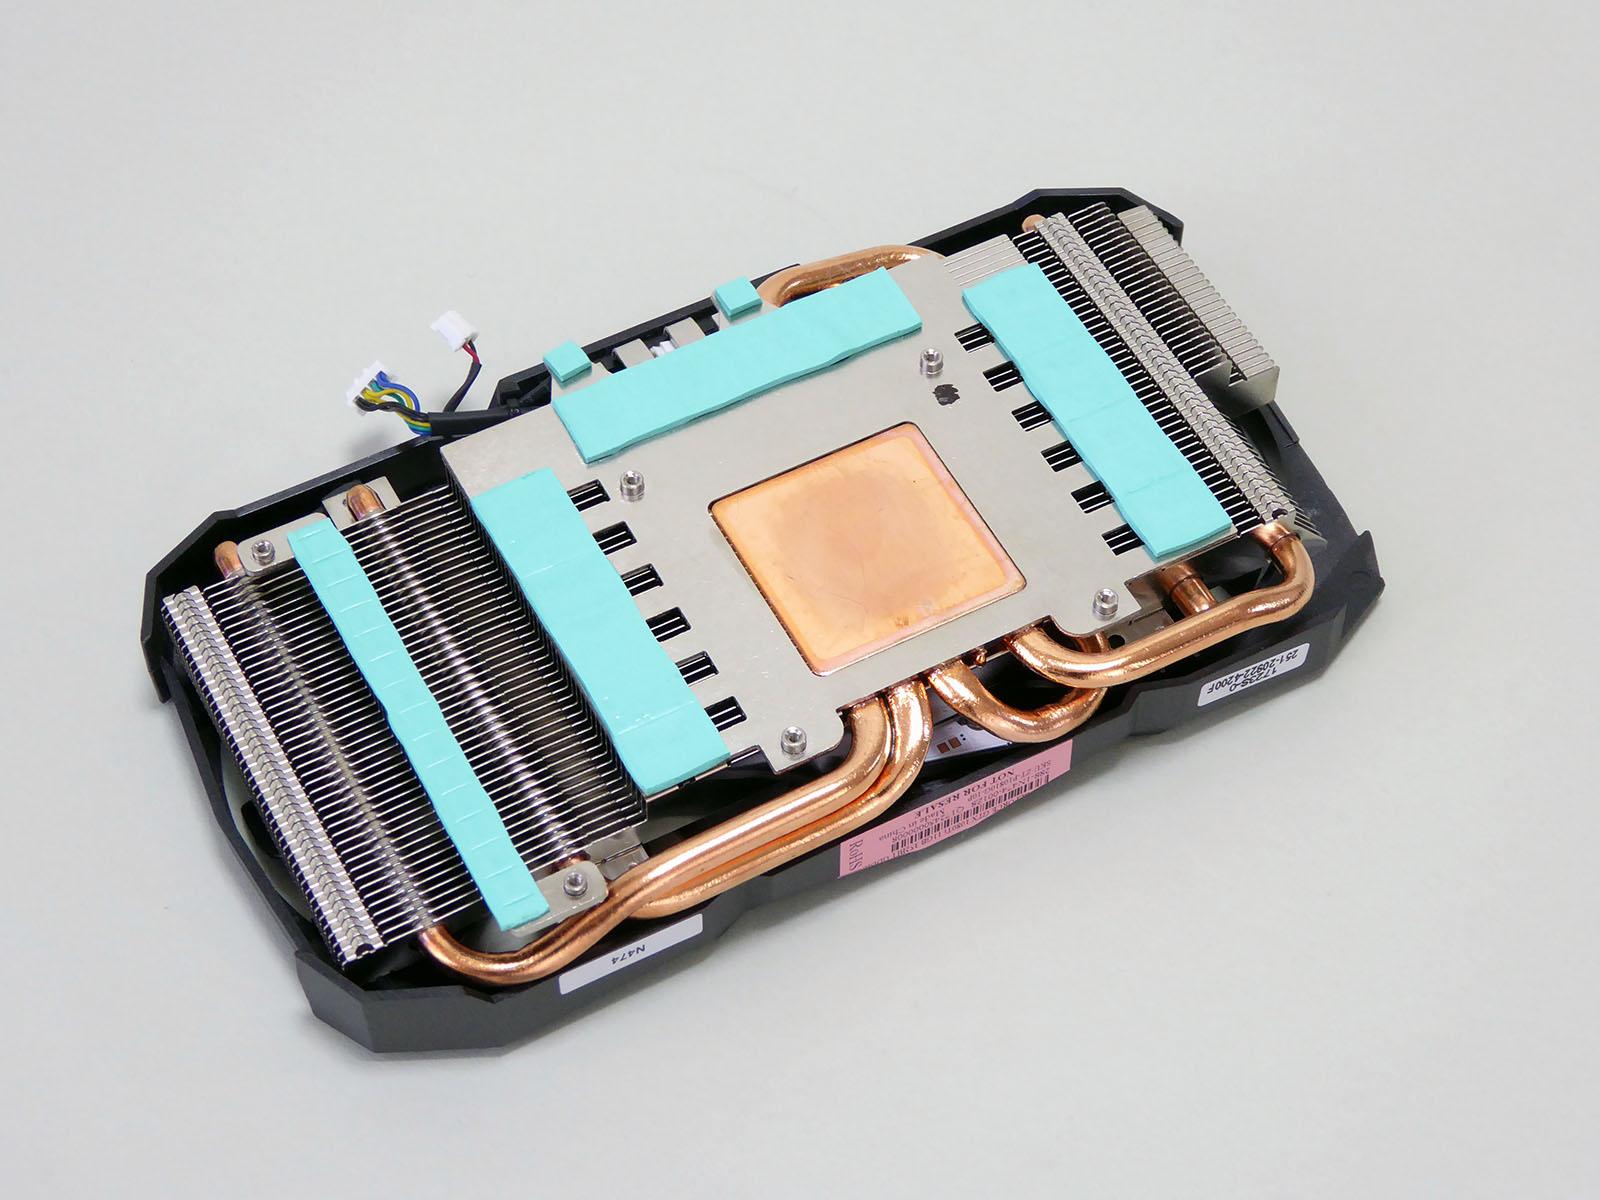 銅製ヘッドや6mm径ヒートパイプを5本用いるなど、小さなヒートシンクで冷却するための工夫が見られる